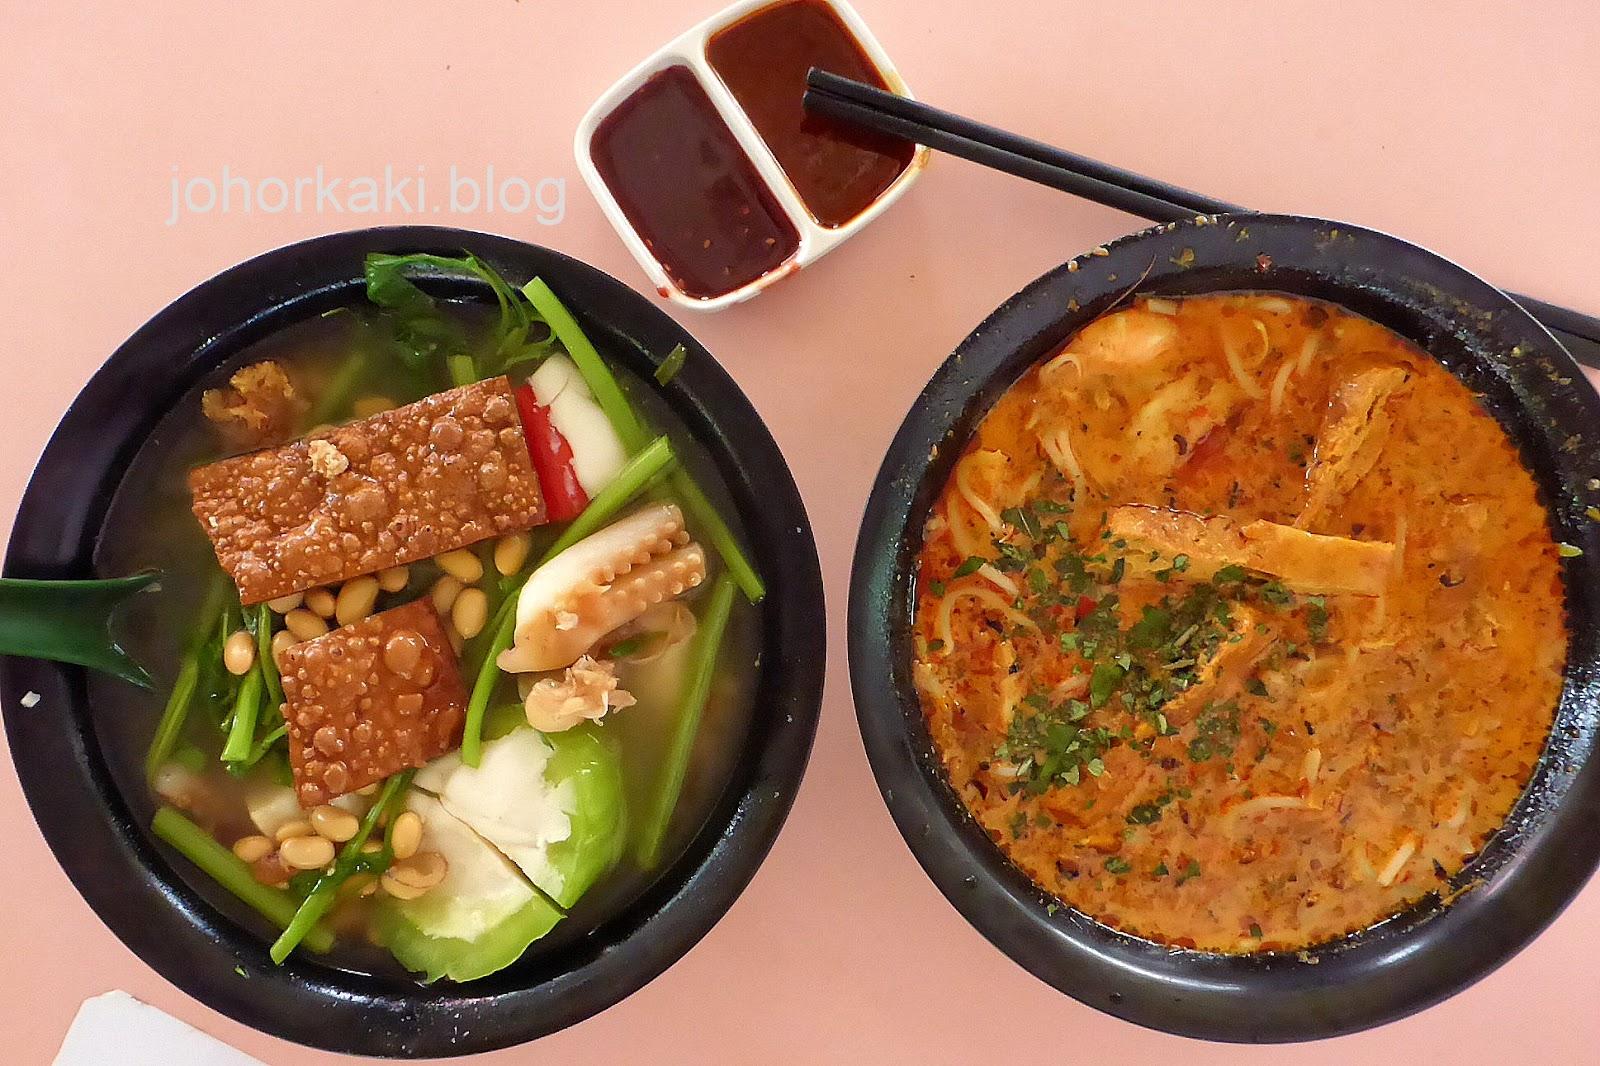 Xi xiang feng best yong tau foo singapore ang mo kio 724 for Cuisine xiang